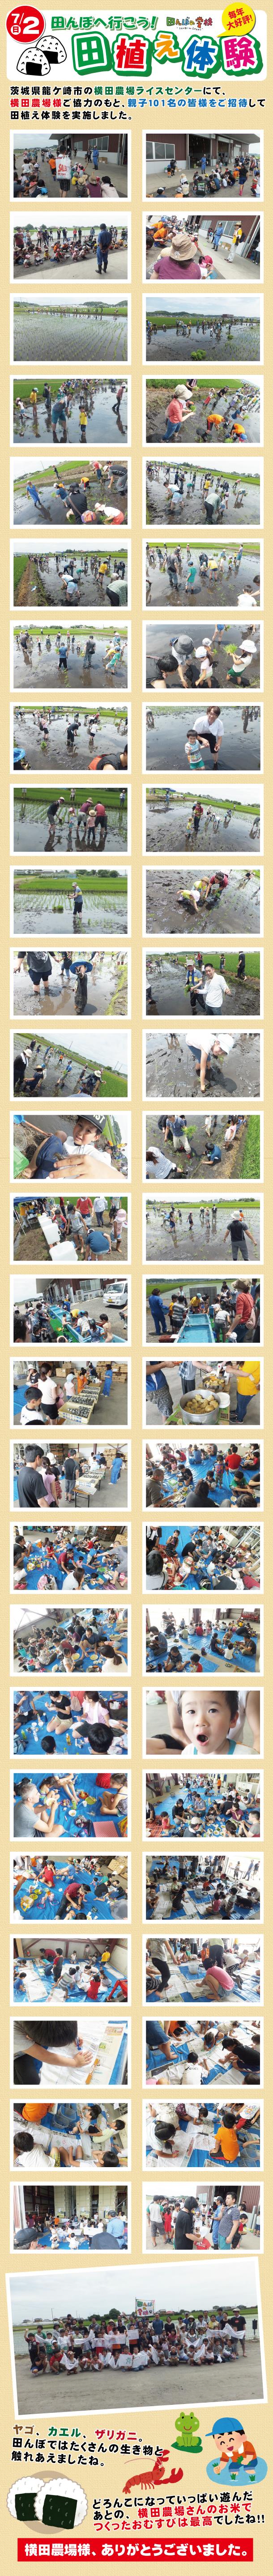 0702 横田農場 田植え体験 ランドローム